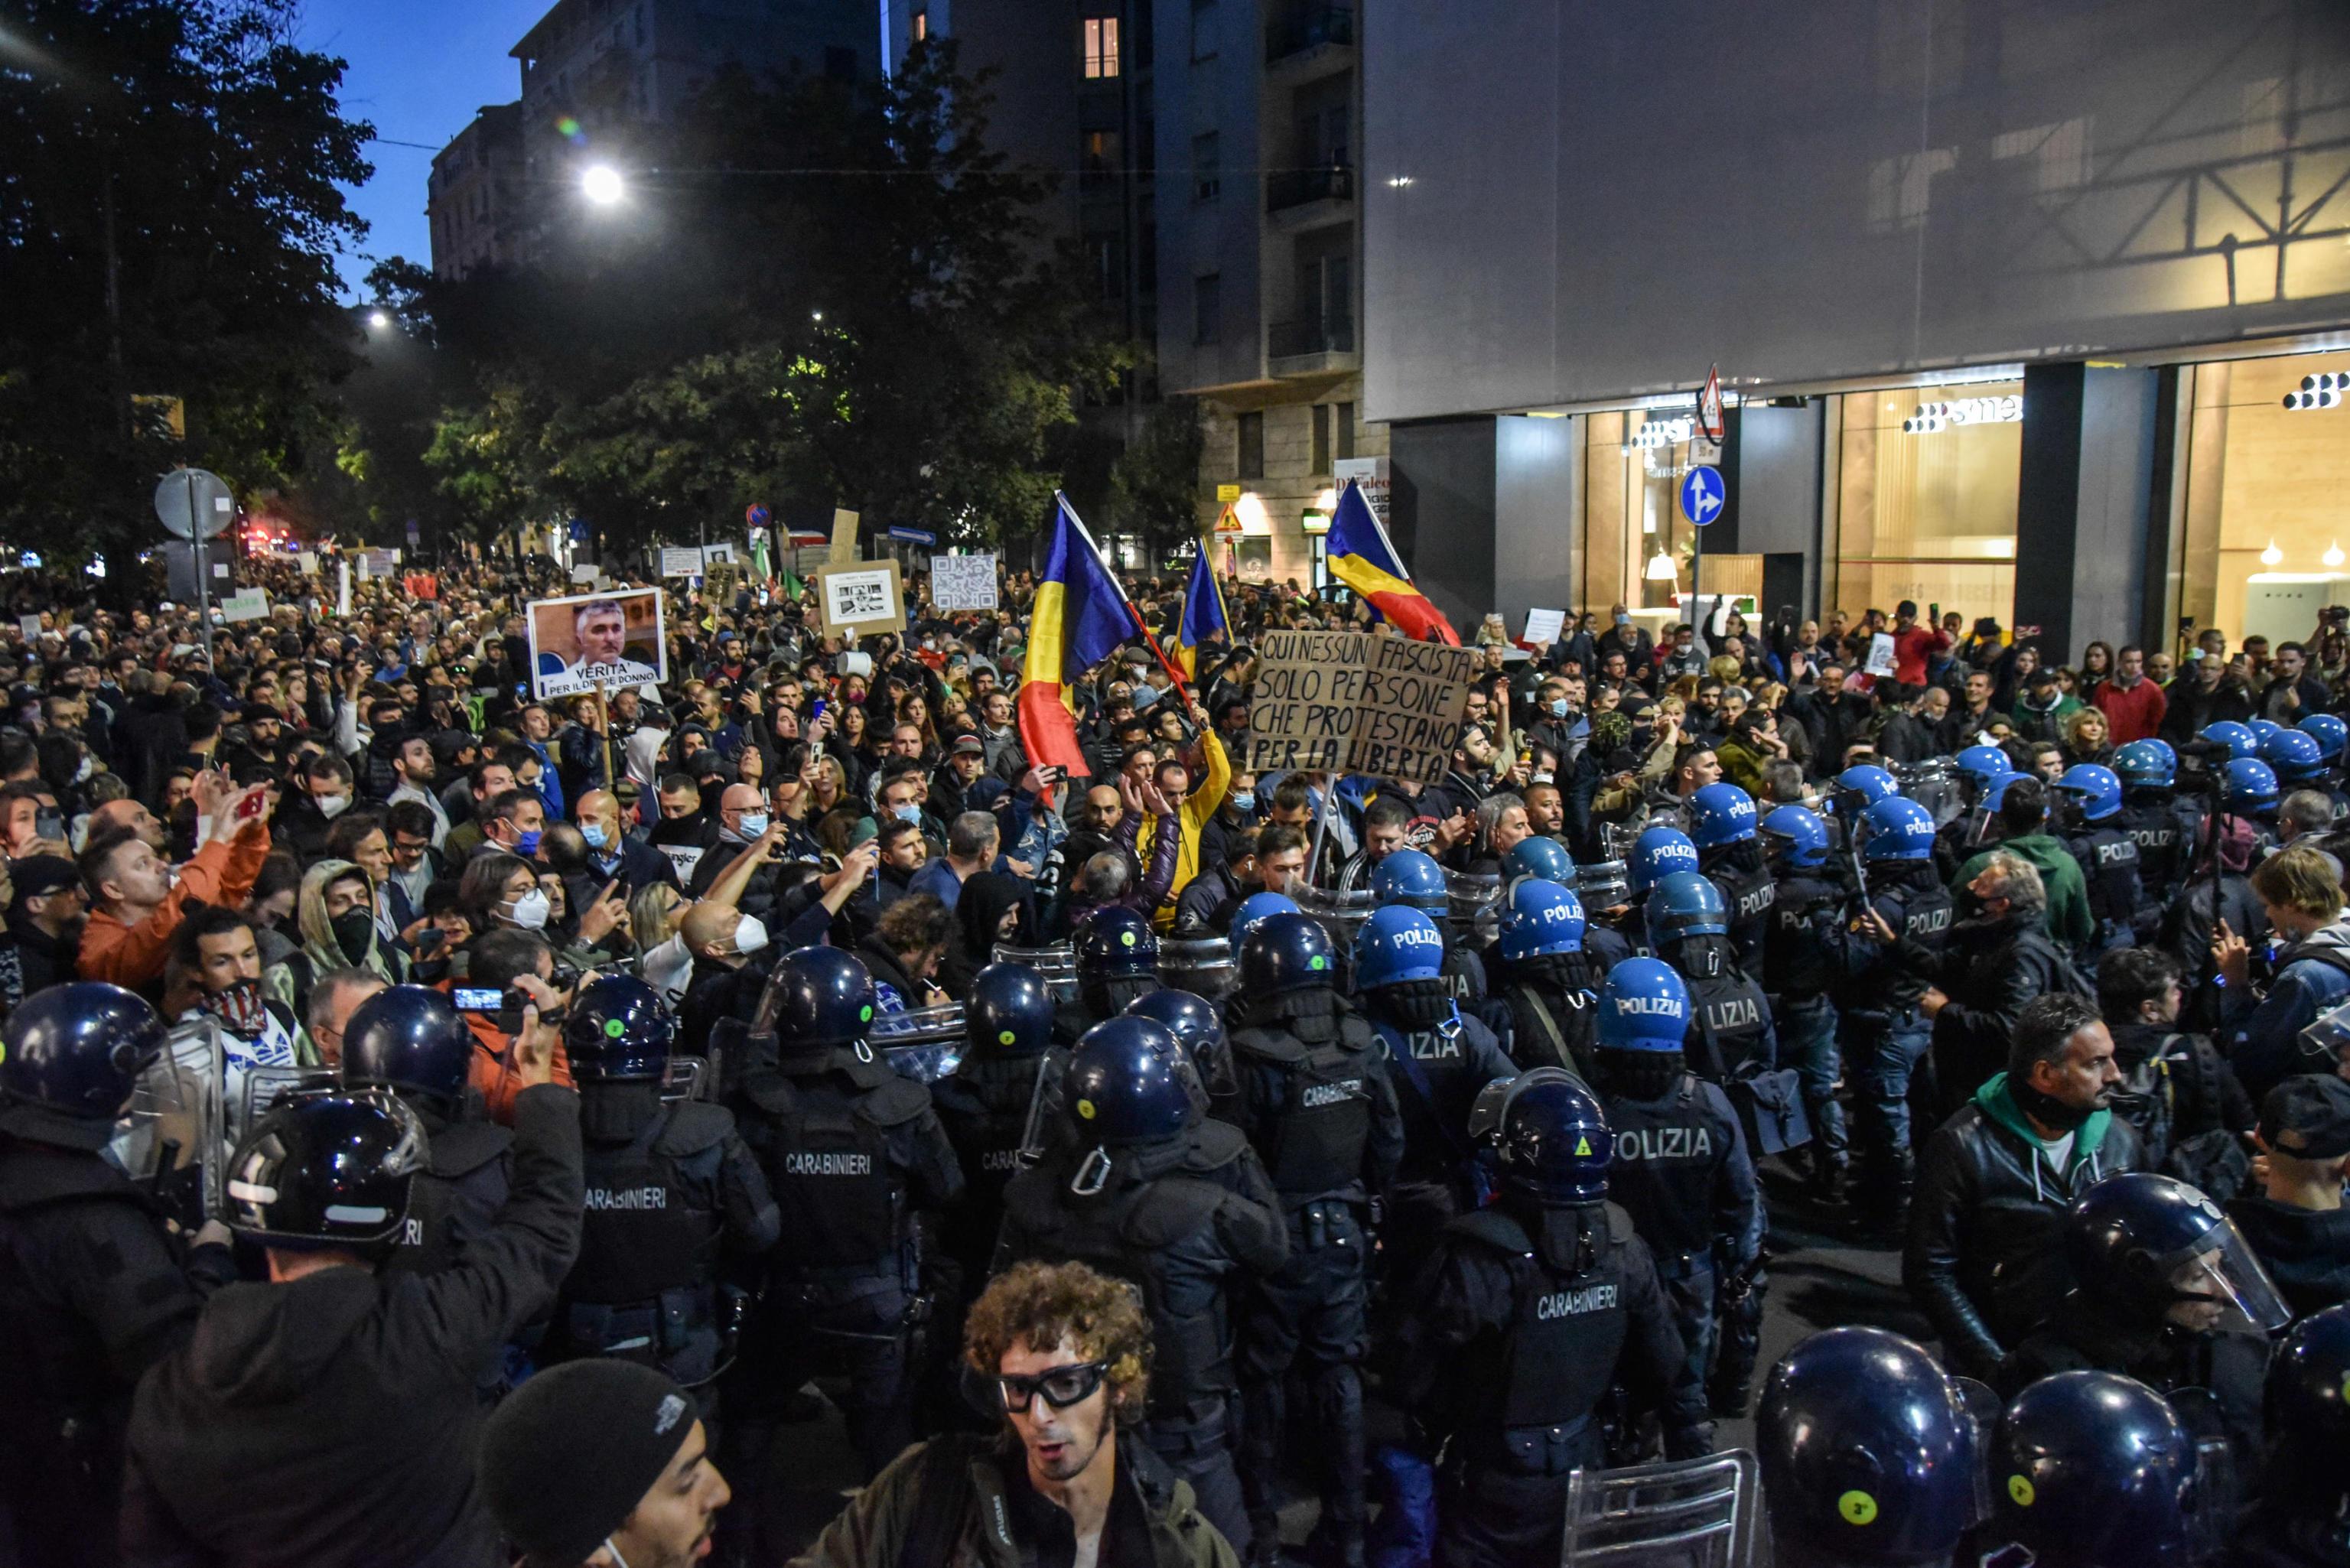 Scontri al corteo No Green pass di Milano, il sospetto della polizia: gli anarchici dietro l'assalto fallito alla Cgil e al Corriere – Il video